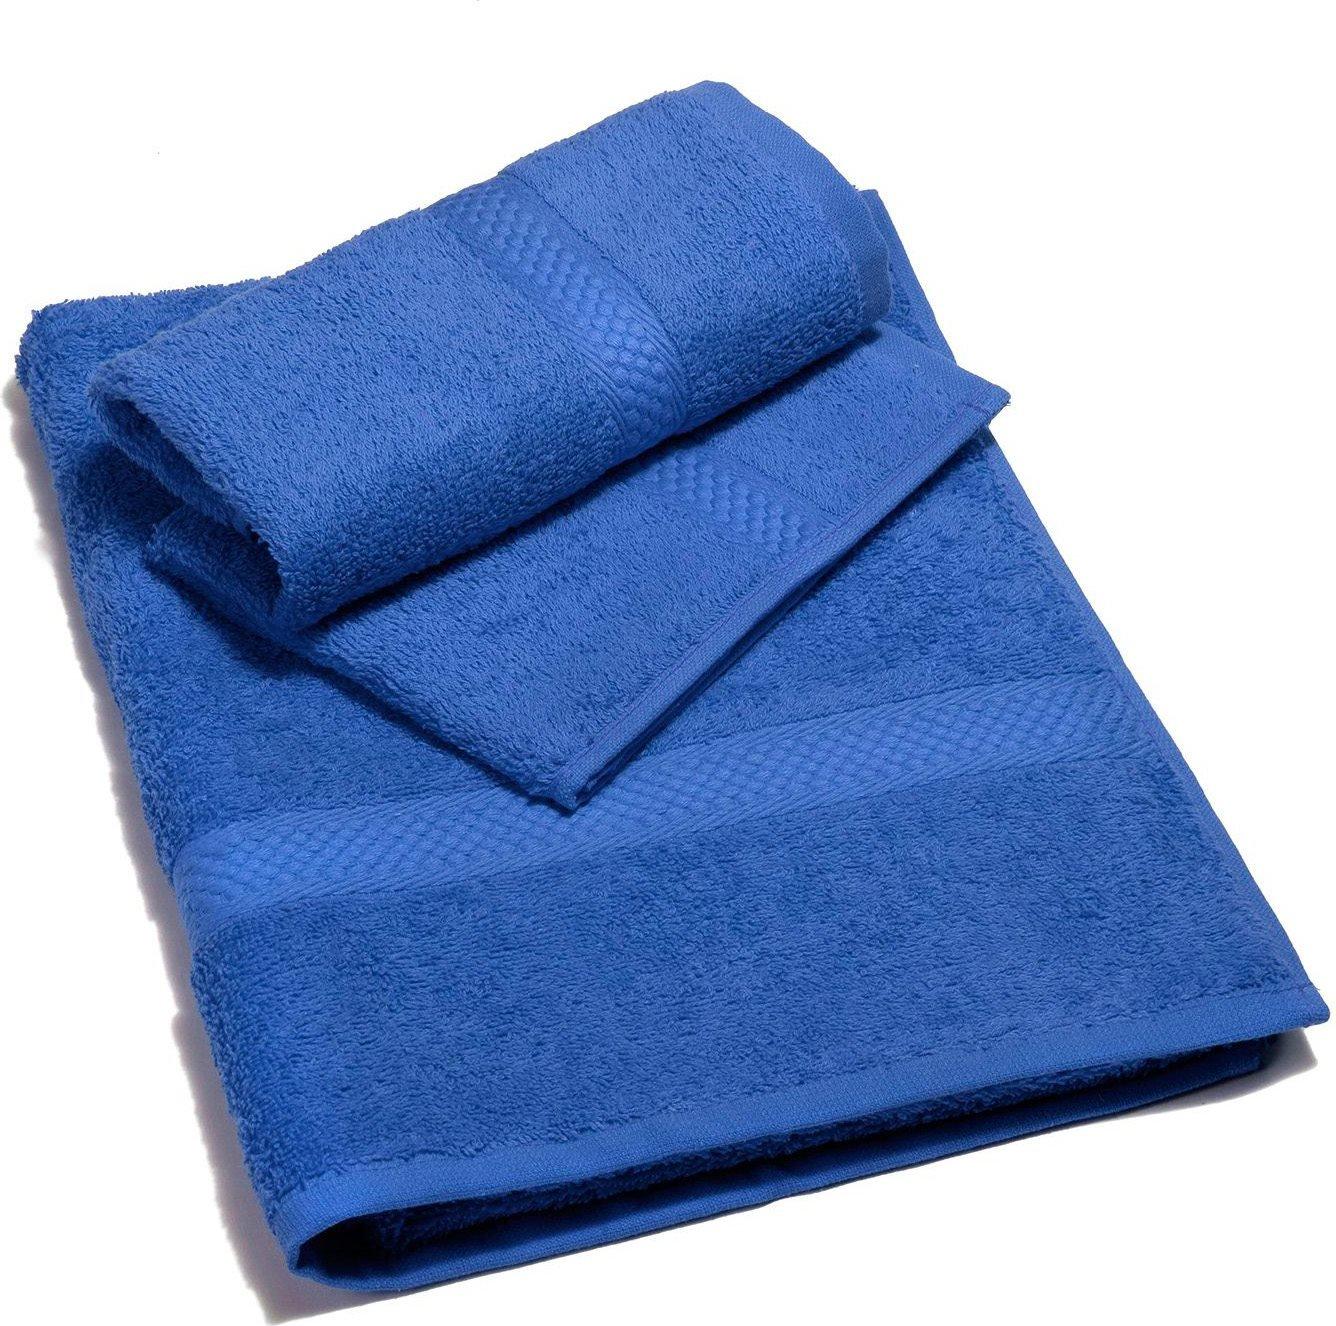 Caleffi Set Asciugamani Bagno Spugna Cotone 2pz. 40x60/55x105 cm Blu Minorca